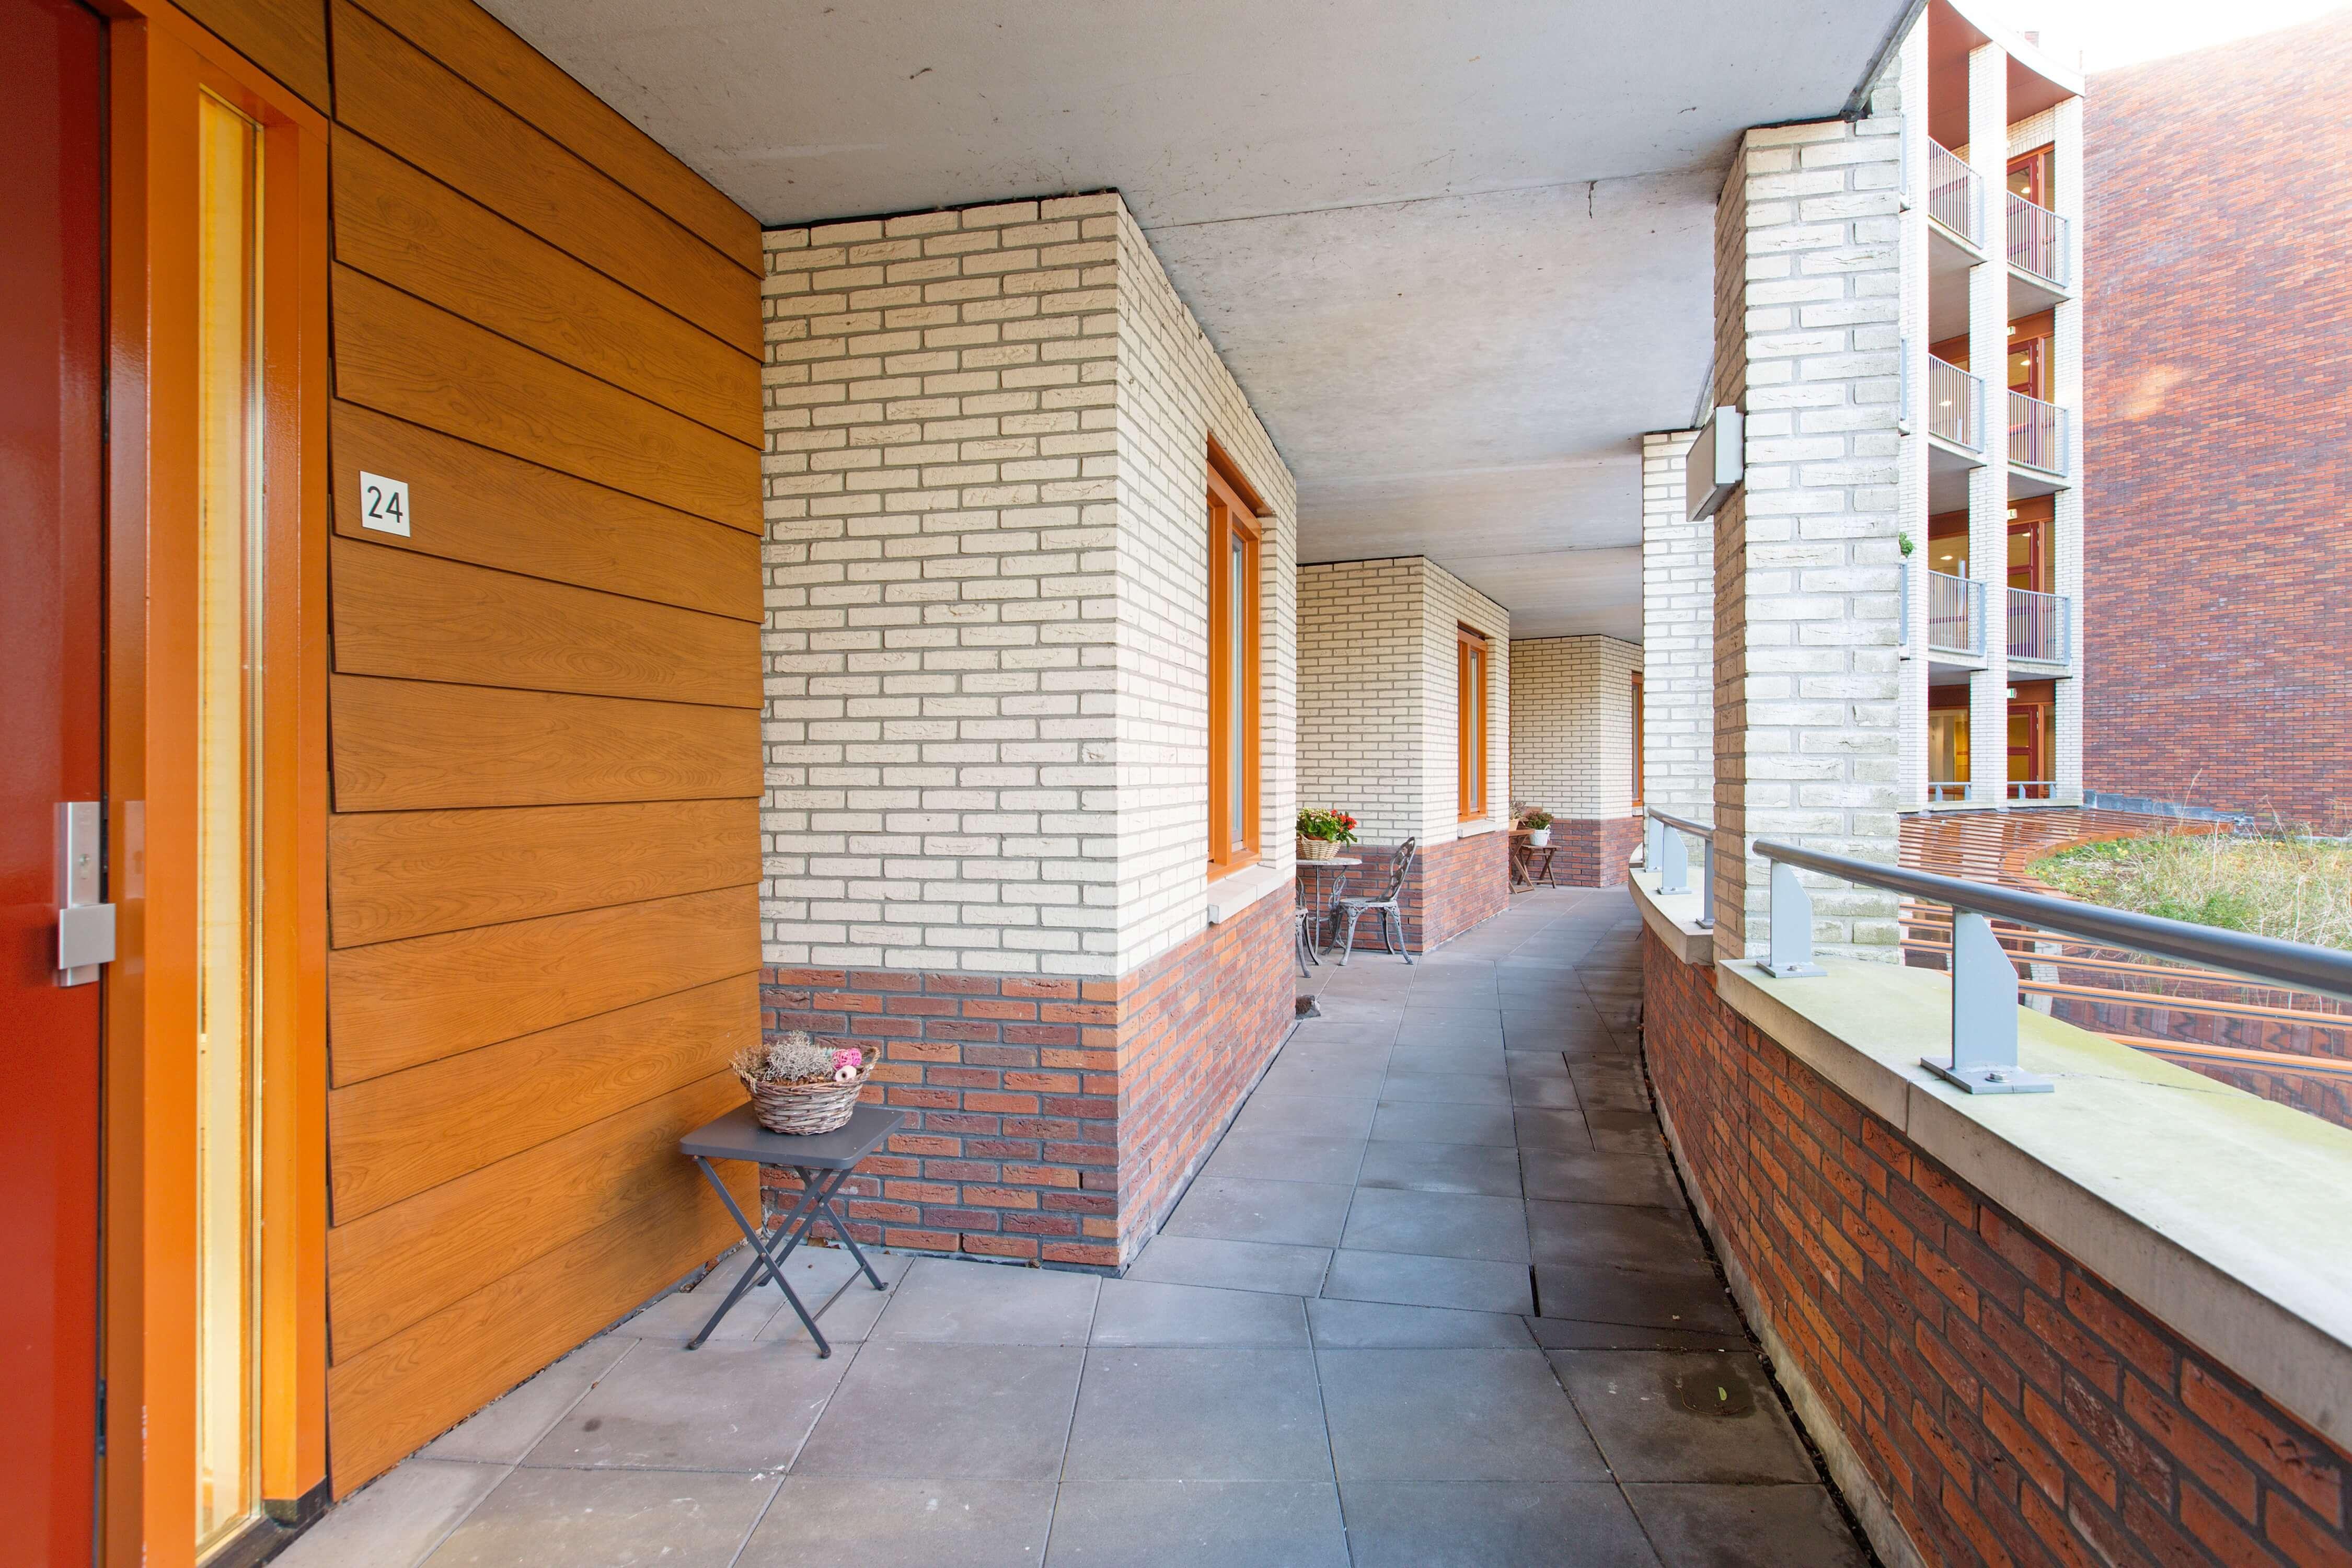 Te koop appartement Heemskerk Lessestraat Heemskerk gallerij - Huisinzicht